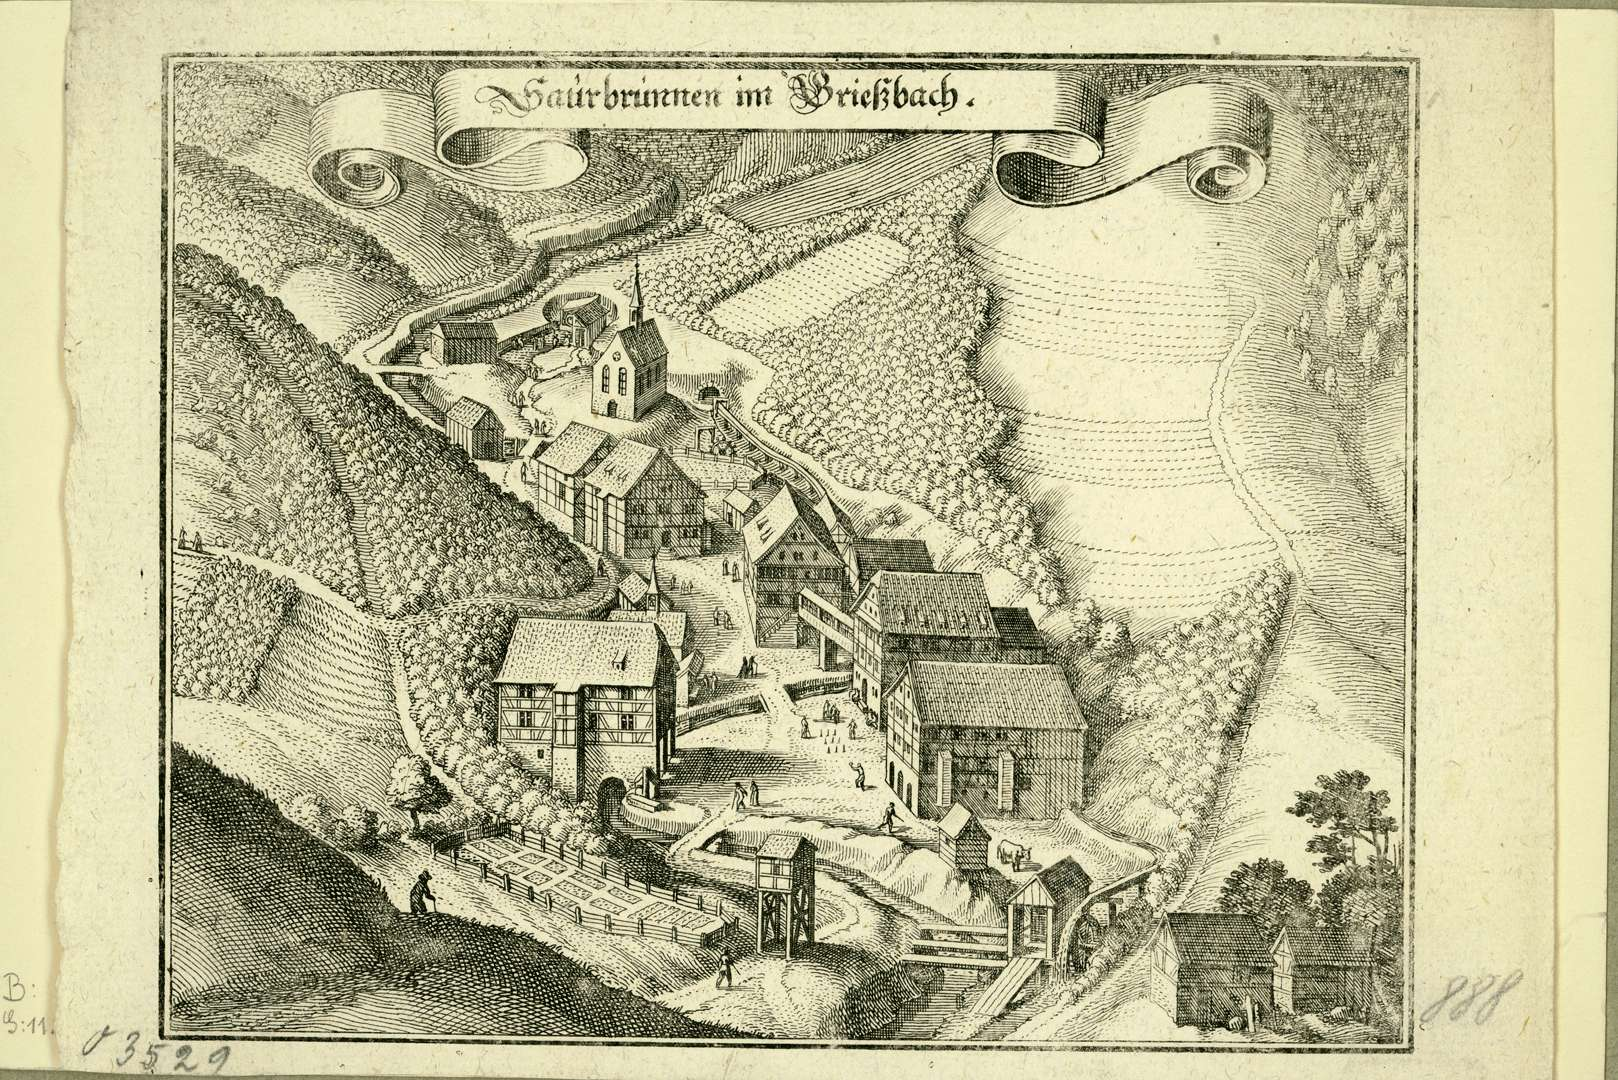 Saurbrunnen im Griessbach, Bild 1